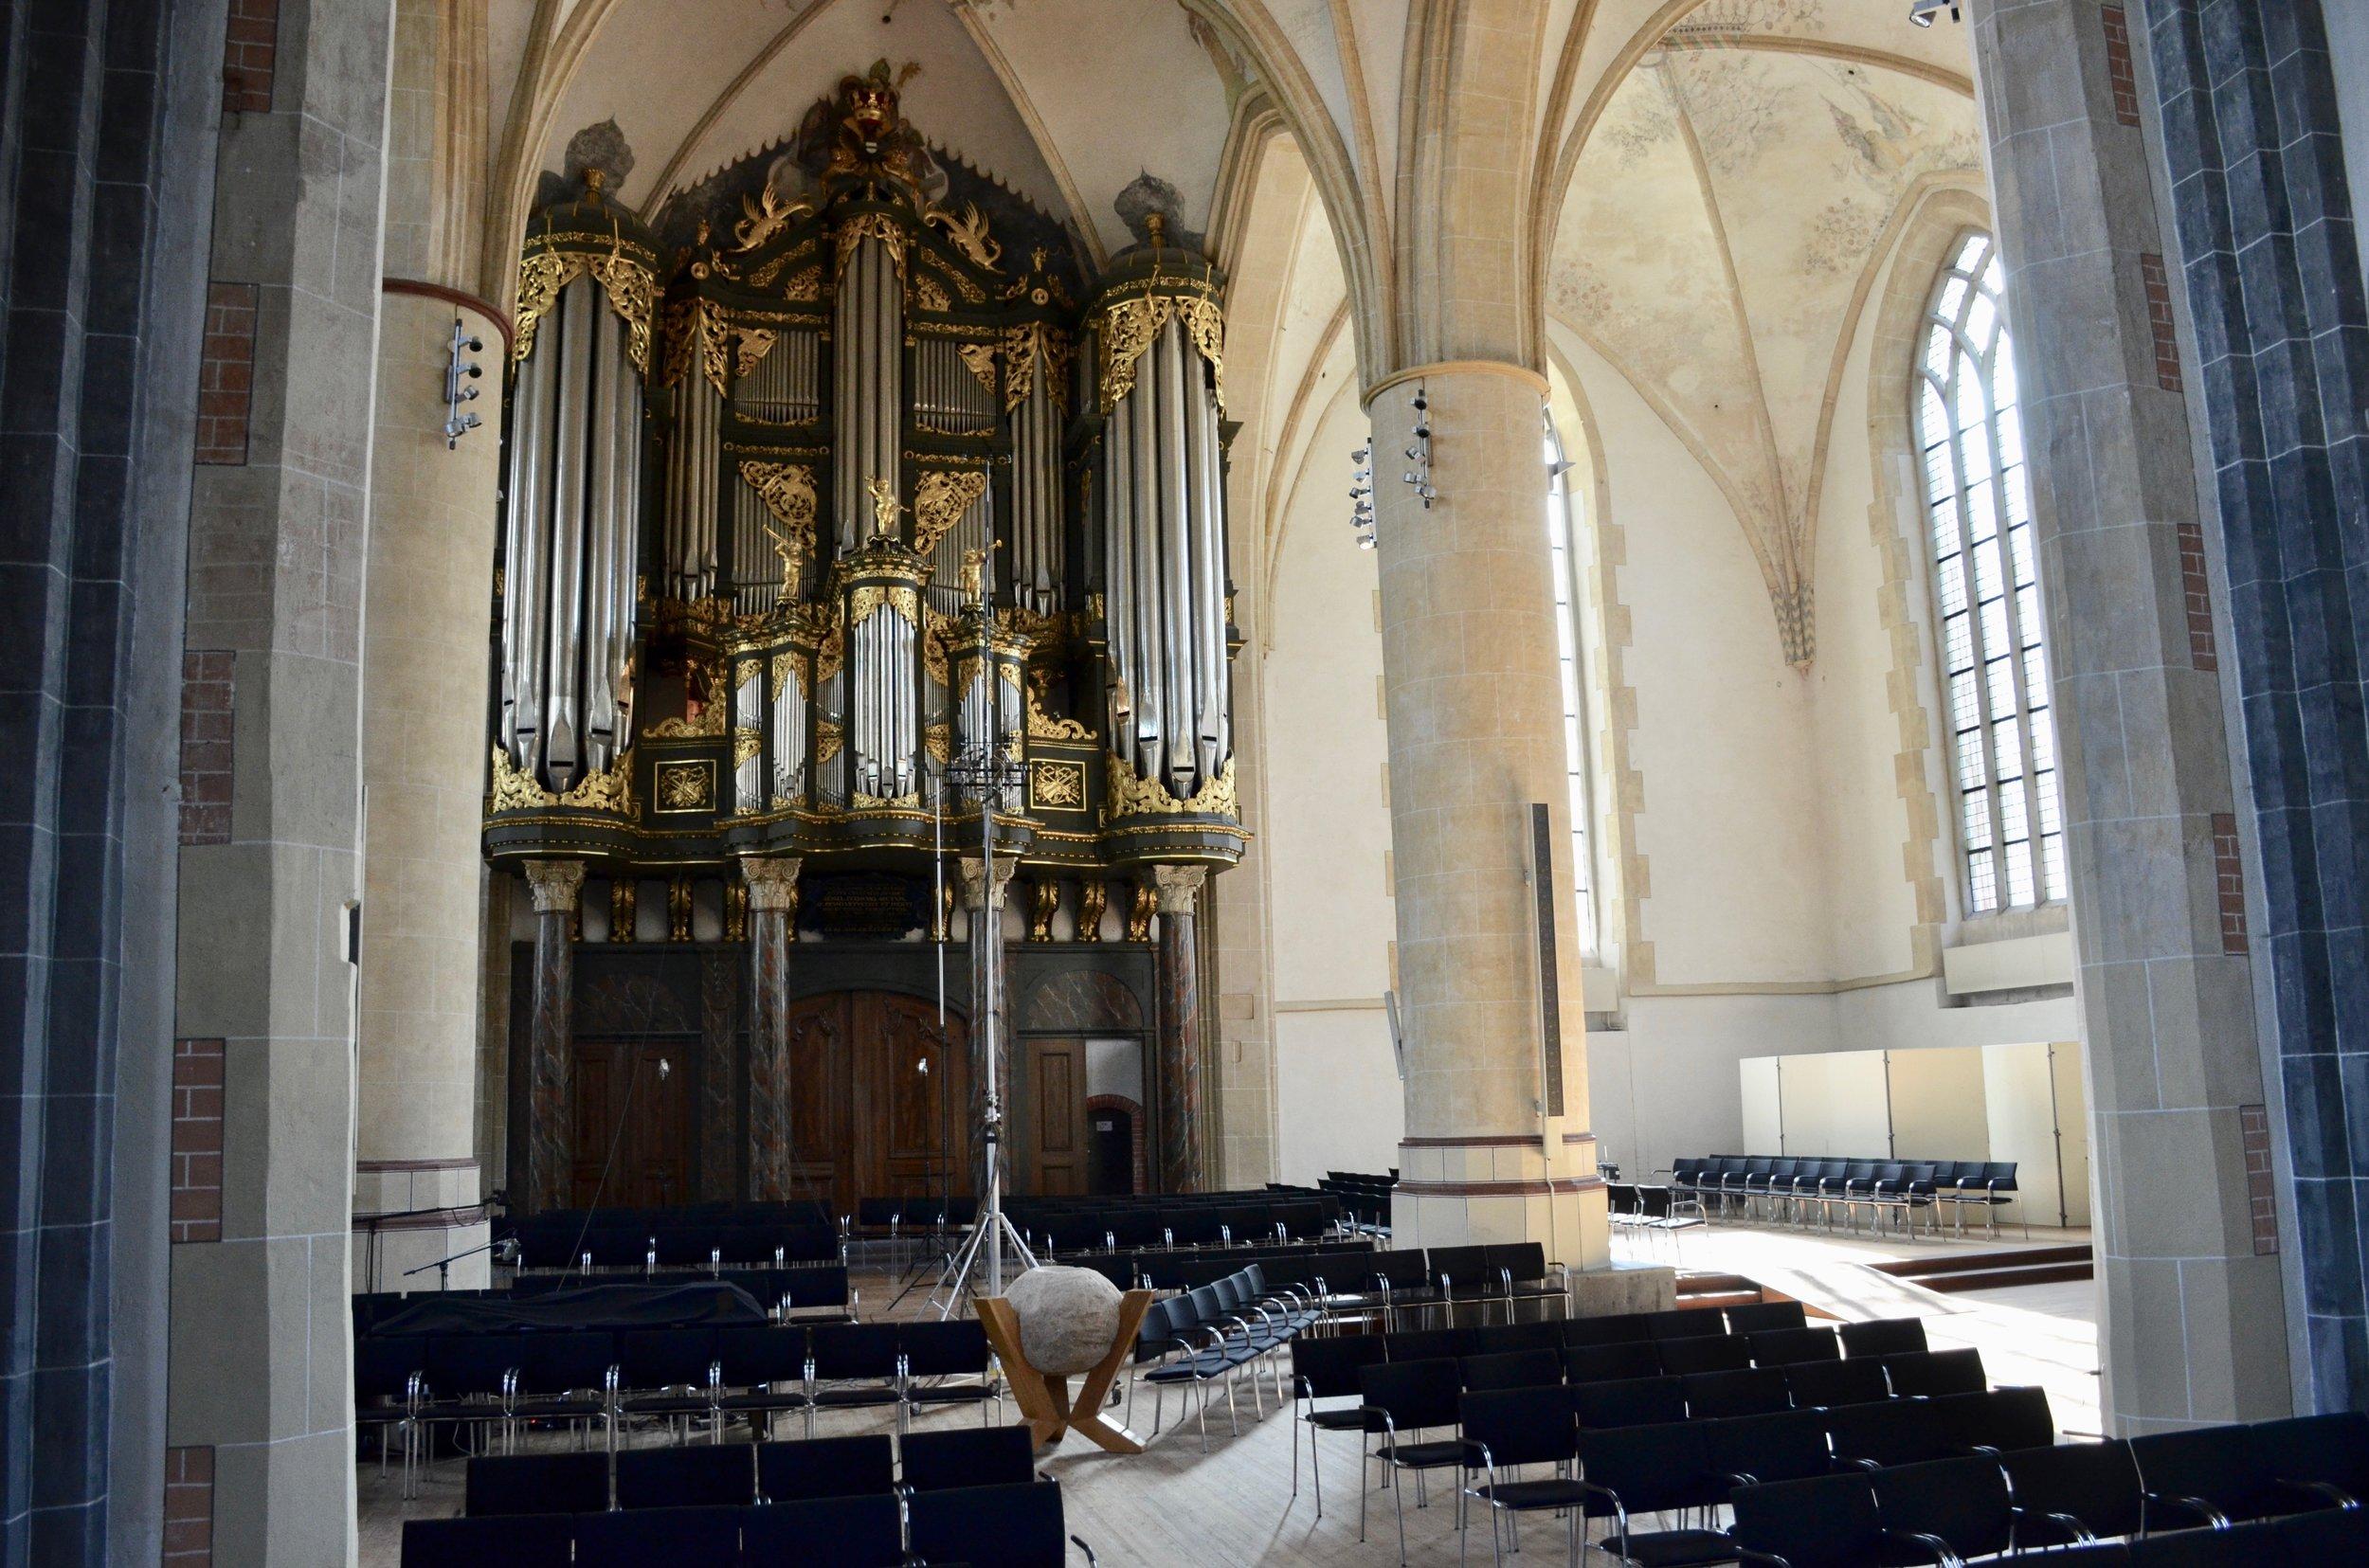 1692 Arp Schnitger organ, Martinikerk, Groningen.